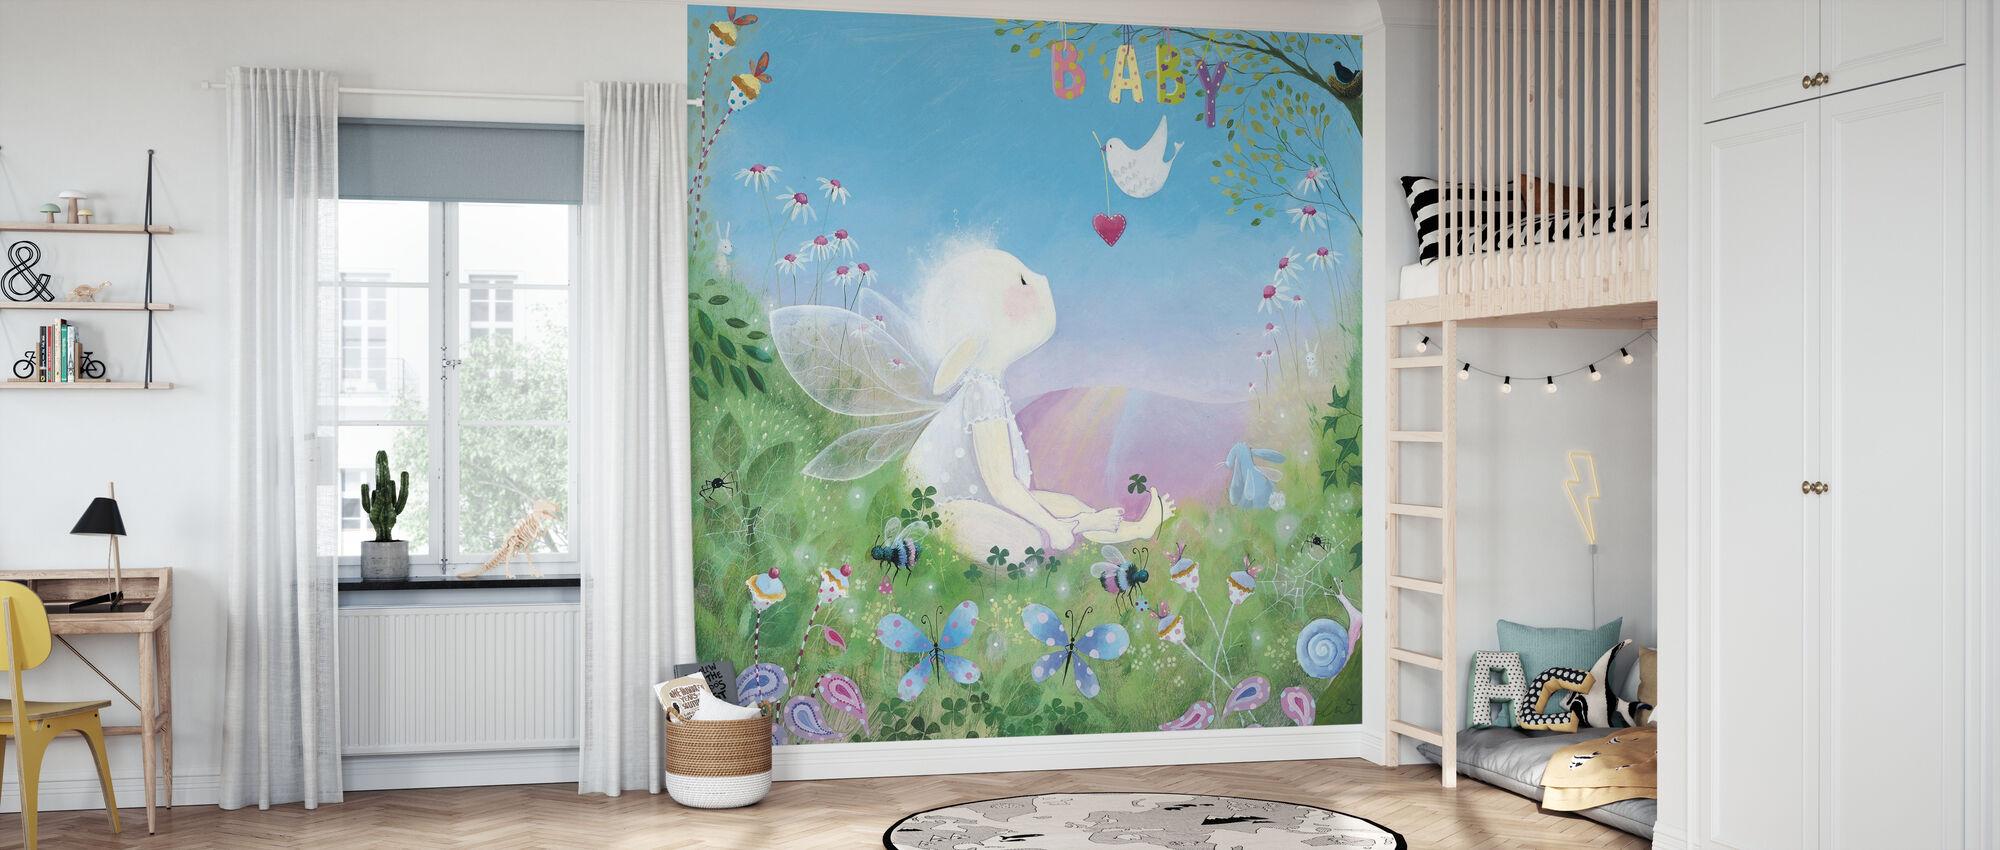 Baby - Wallpaper - Kids Room